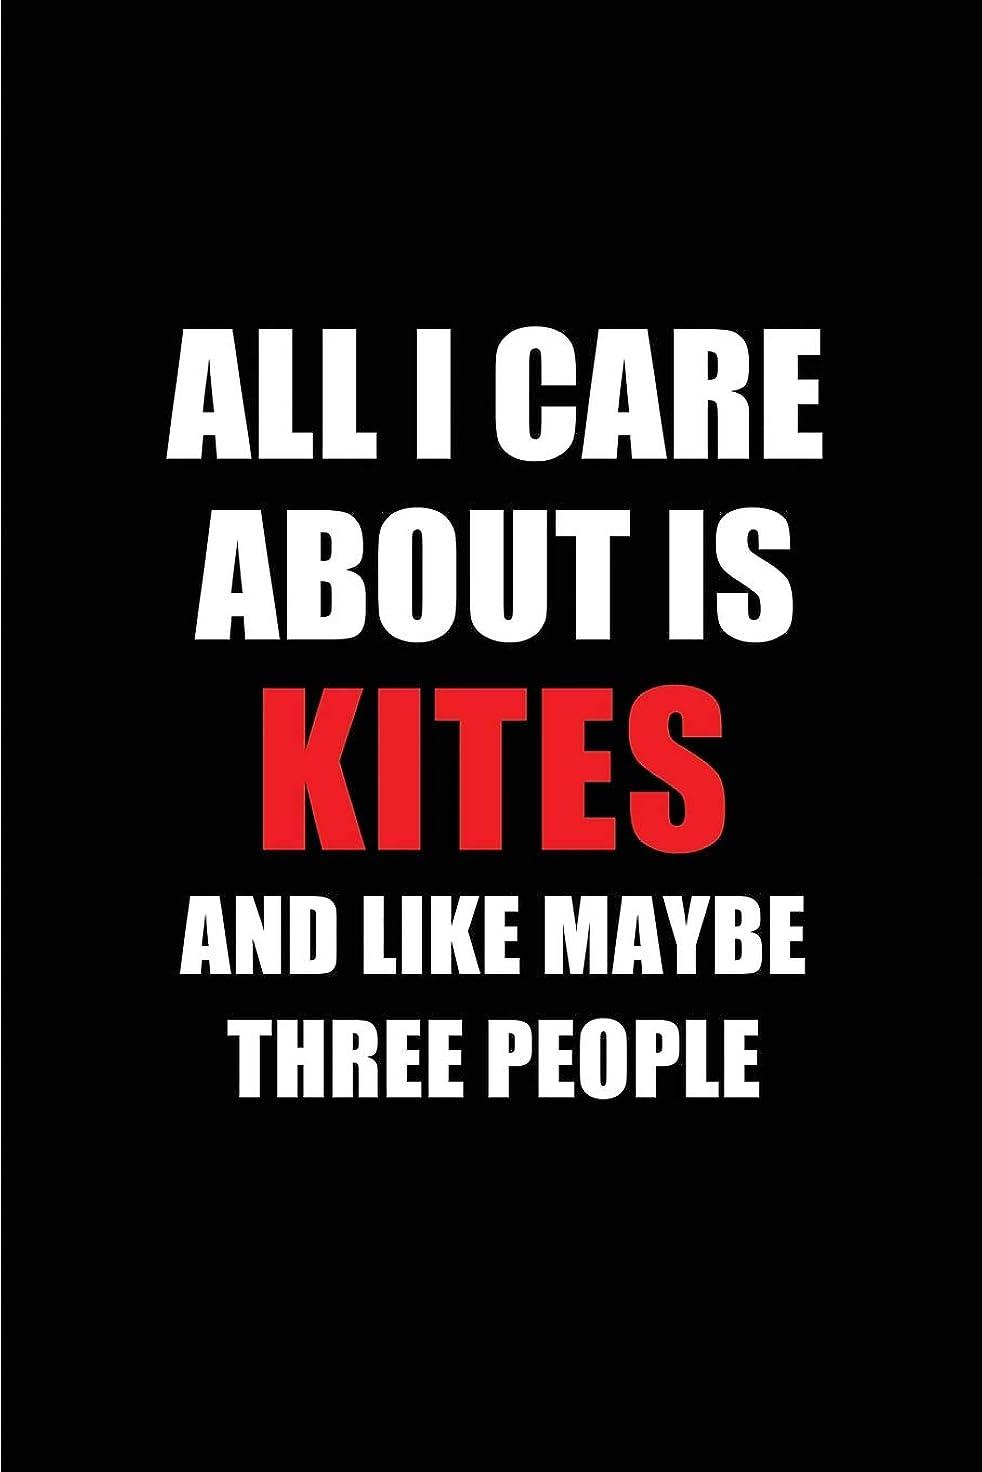 硬い逸話参照All I Care About is Kites and Like Maybe Three People: Blank Lined 6x9 Kites Passion and Hobby Journal/Notebooks for passionate people or as Gift for the ones who eat, sleep and live it forever.